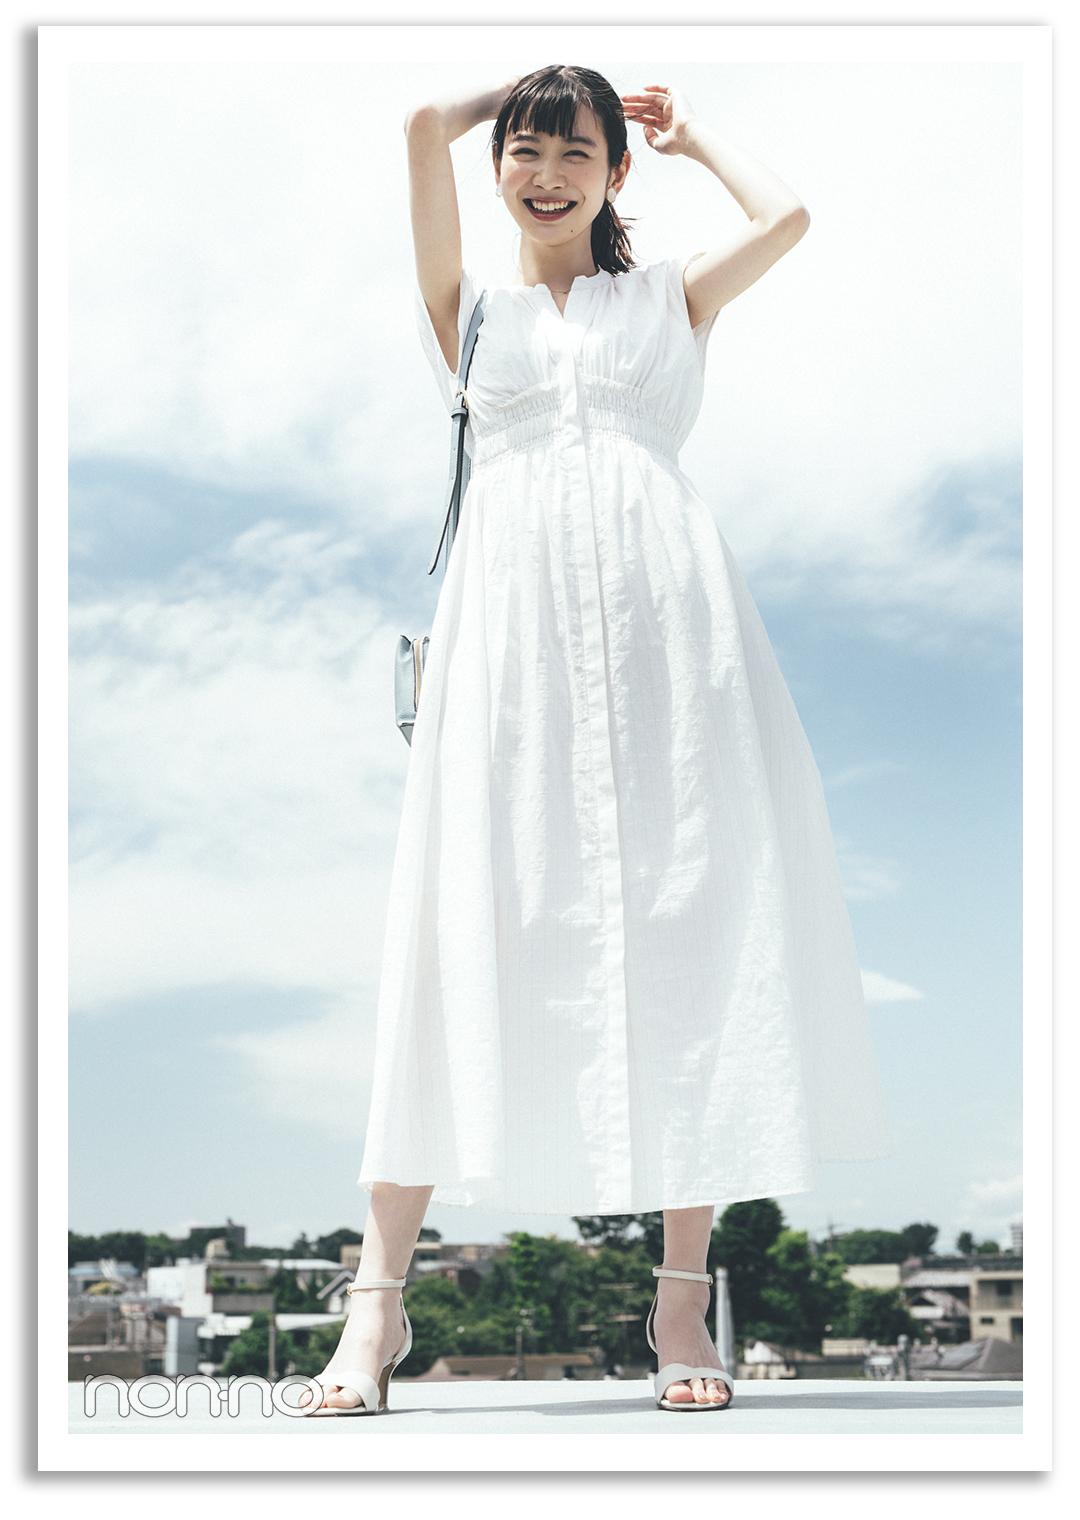 PATTERN2) 清楚な白ワンピに清潔感のある 水色小物をポイント使い♪ 岡本夏美